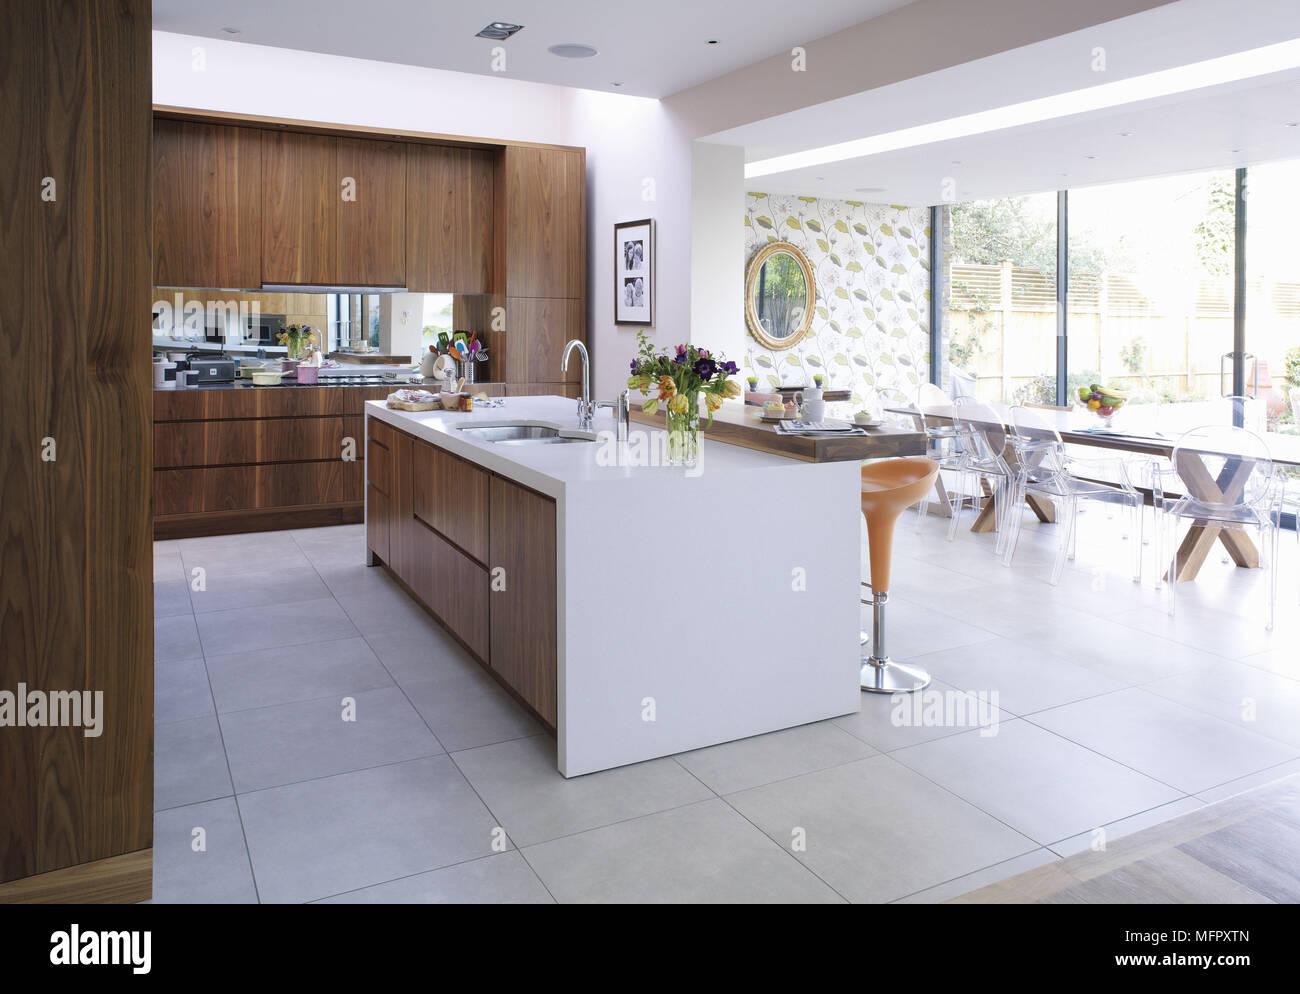 Moderne offene Küche mit zentraler Kochinsel Stockfoto, Bild ...